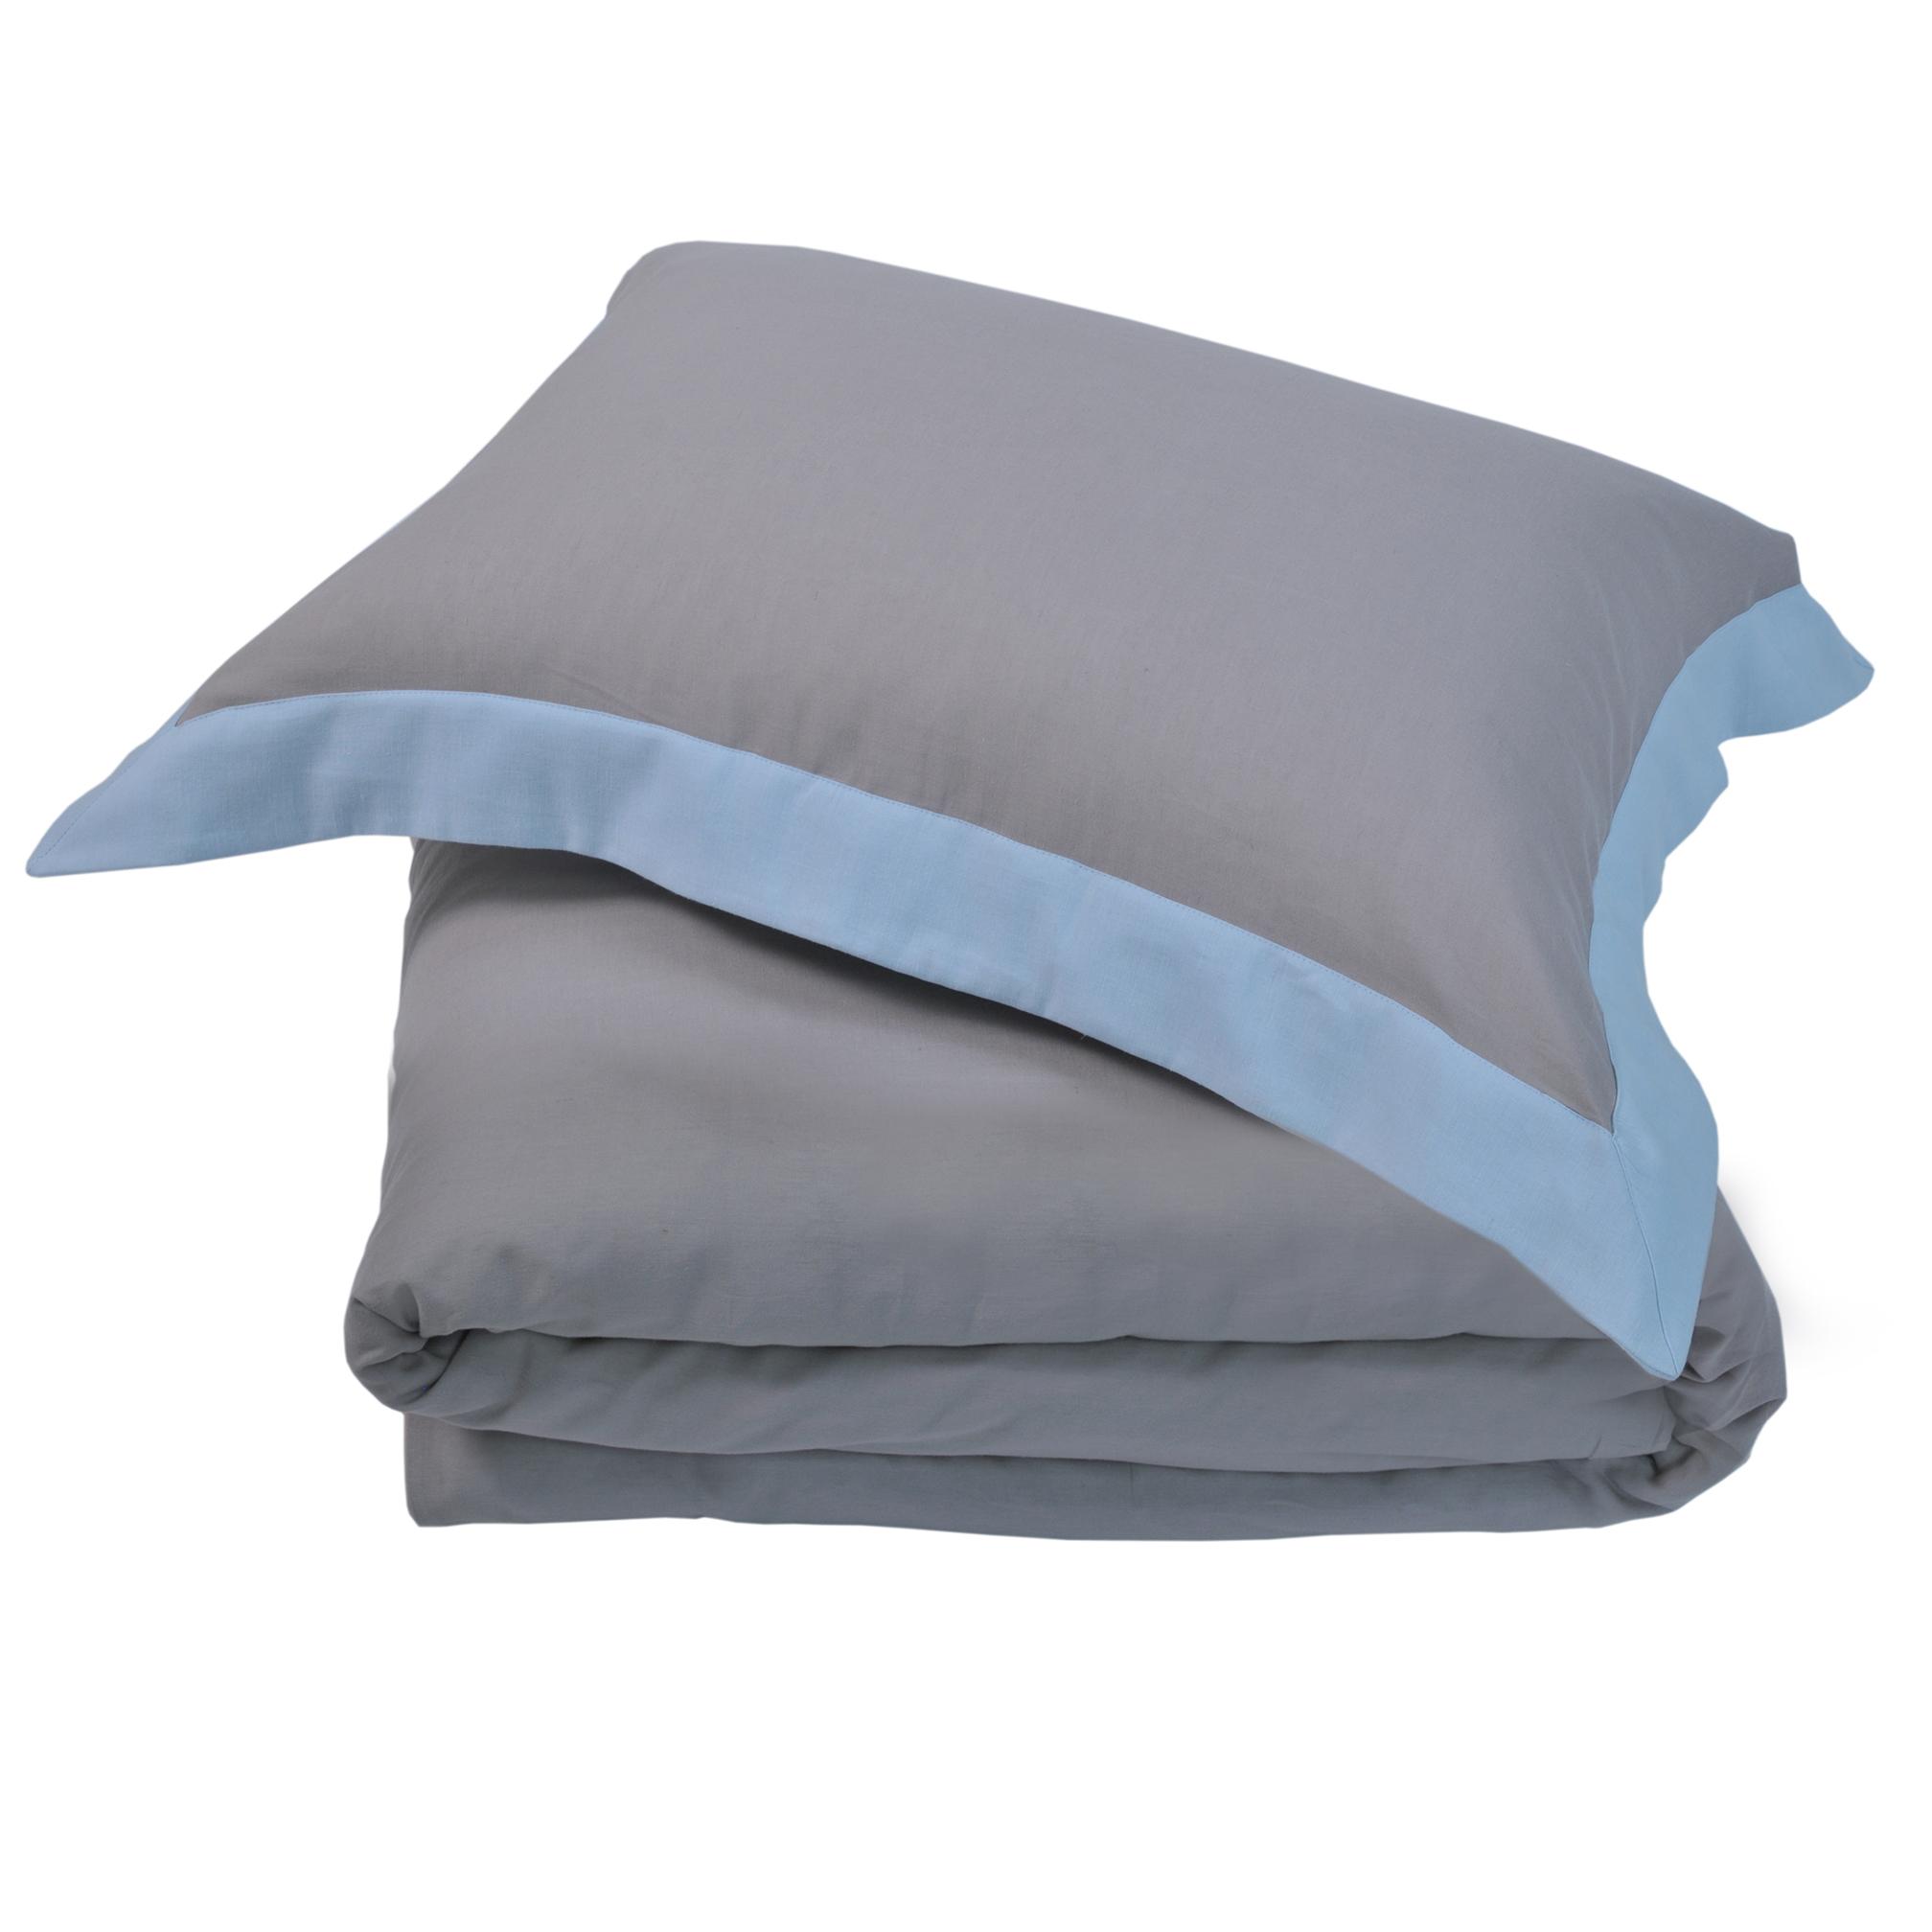 Постельное Постельное белье 2 спальное евро макси Casual Avenue Hampton дым-голубое elitnoe-postelnoe-belie-hampton-warm-gray-sky-ot-casual-avenue-turtsiya.jpg